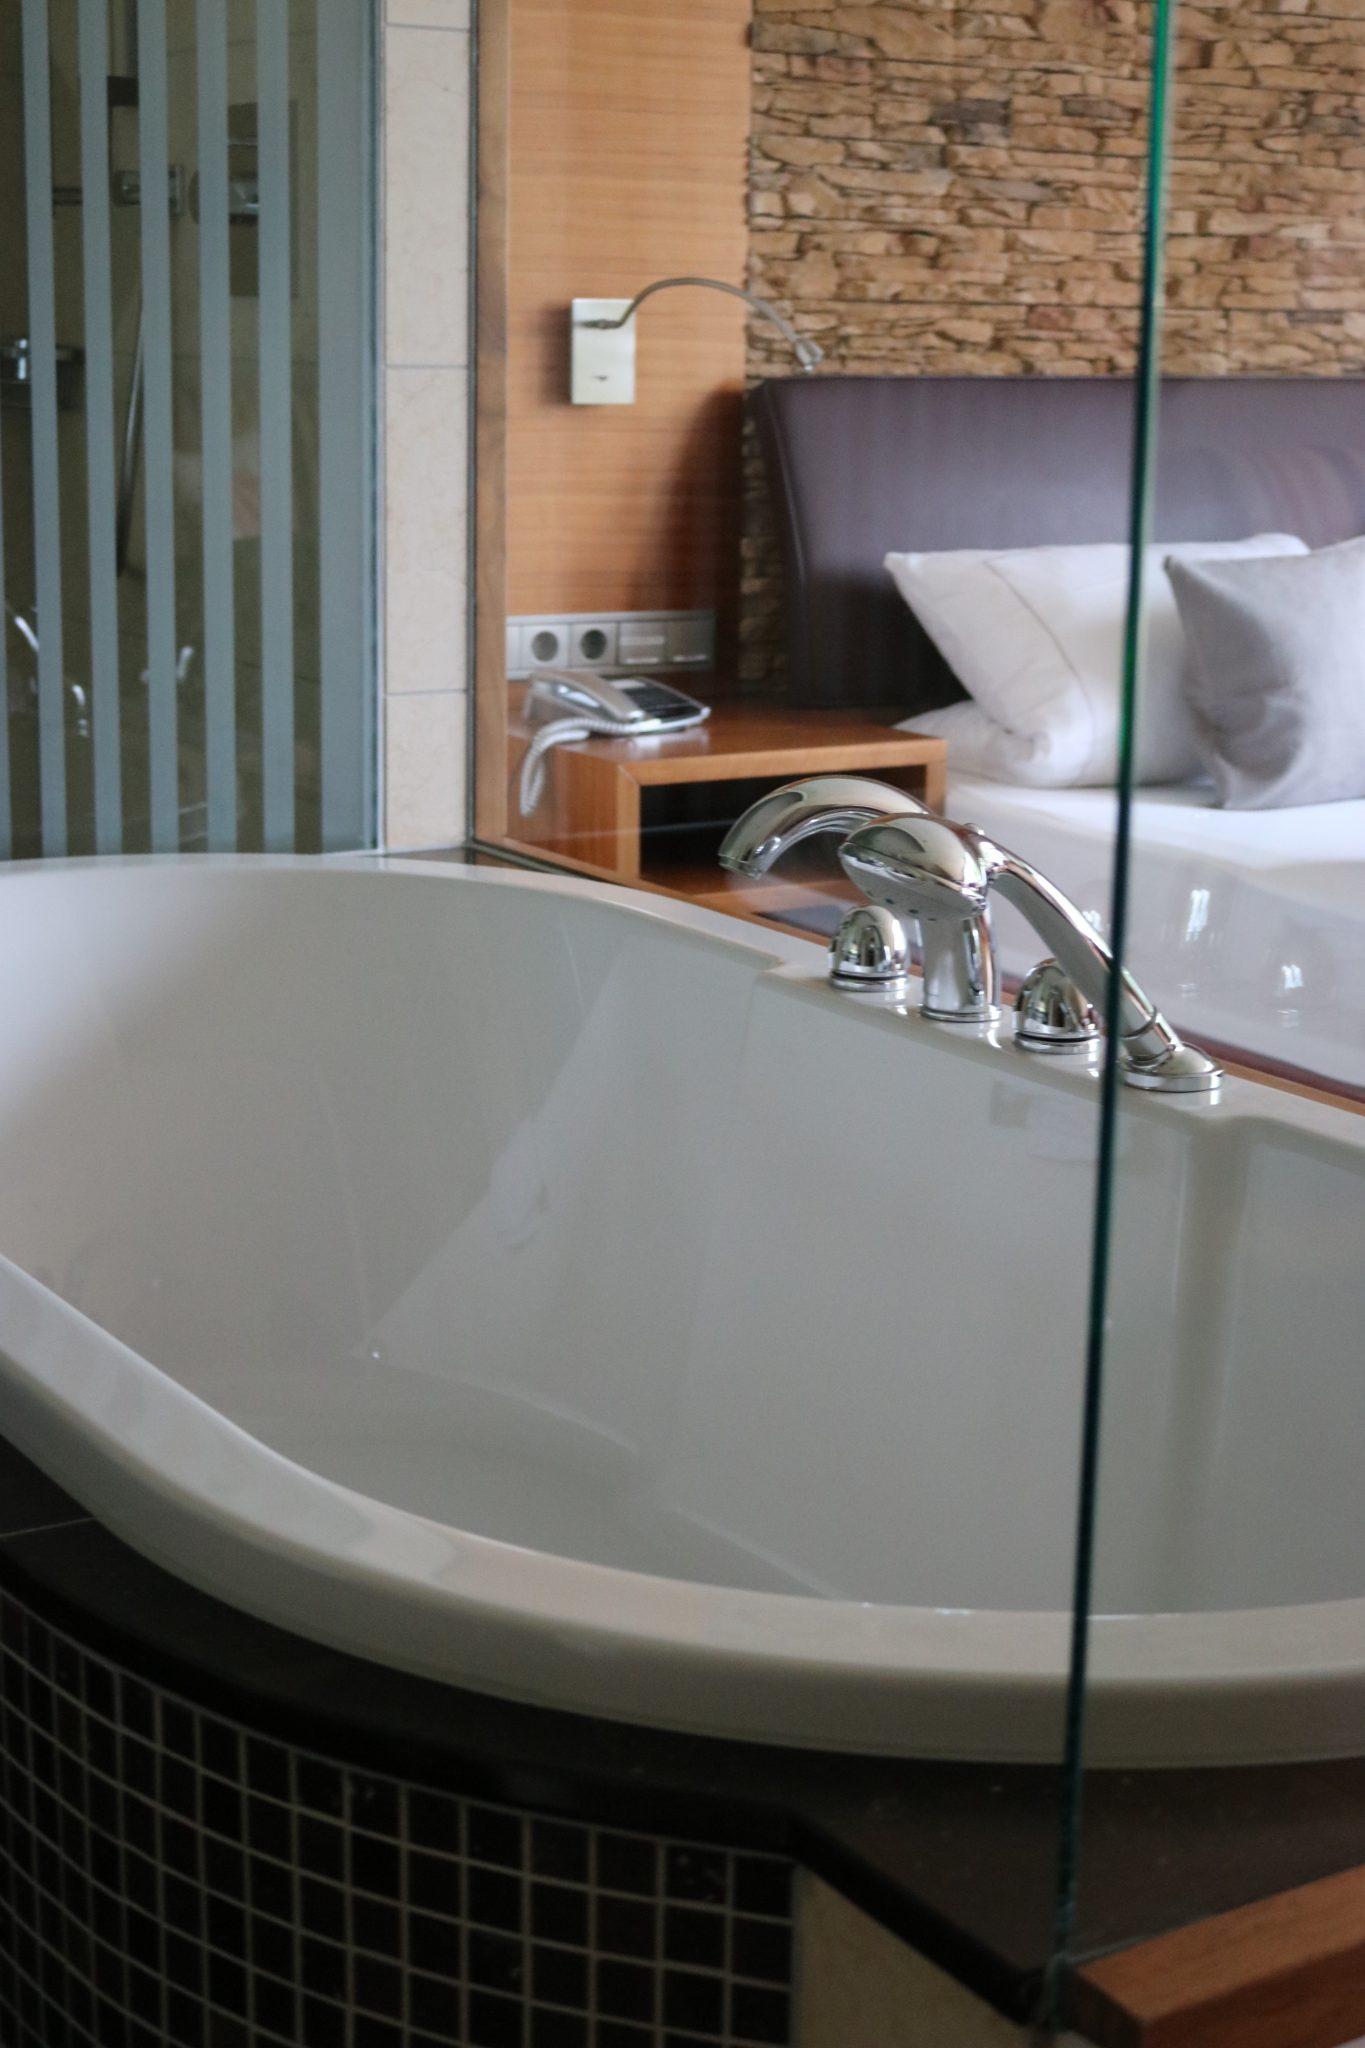 Erfahrung-Gasthof-Freden-bad-Iburg